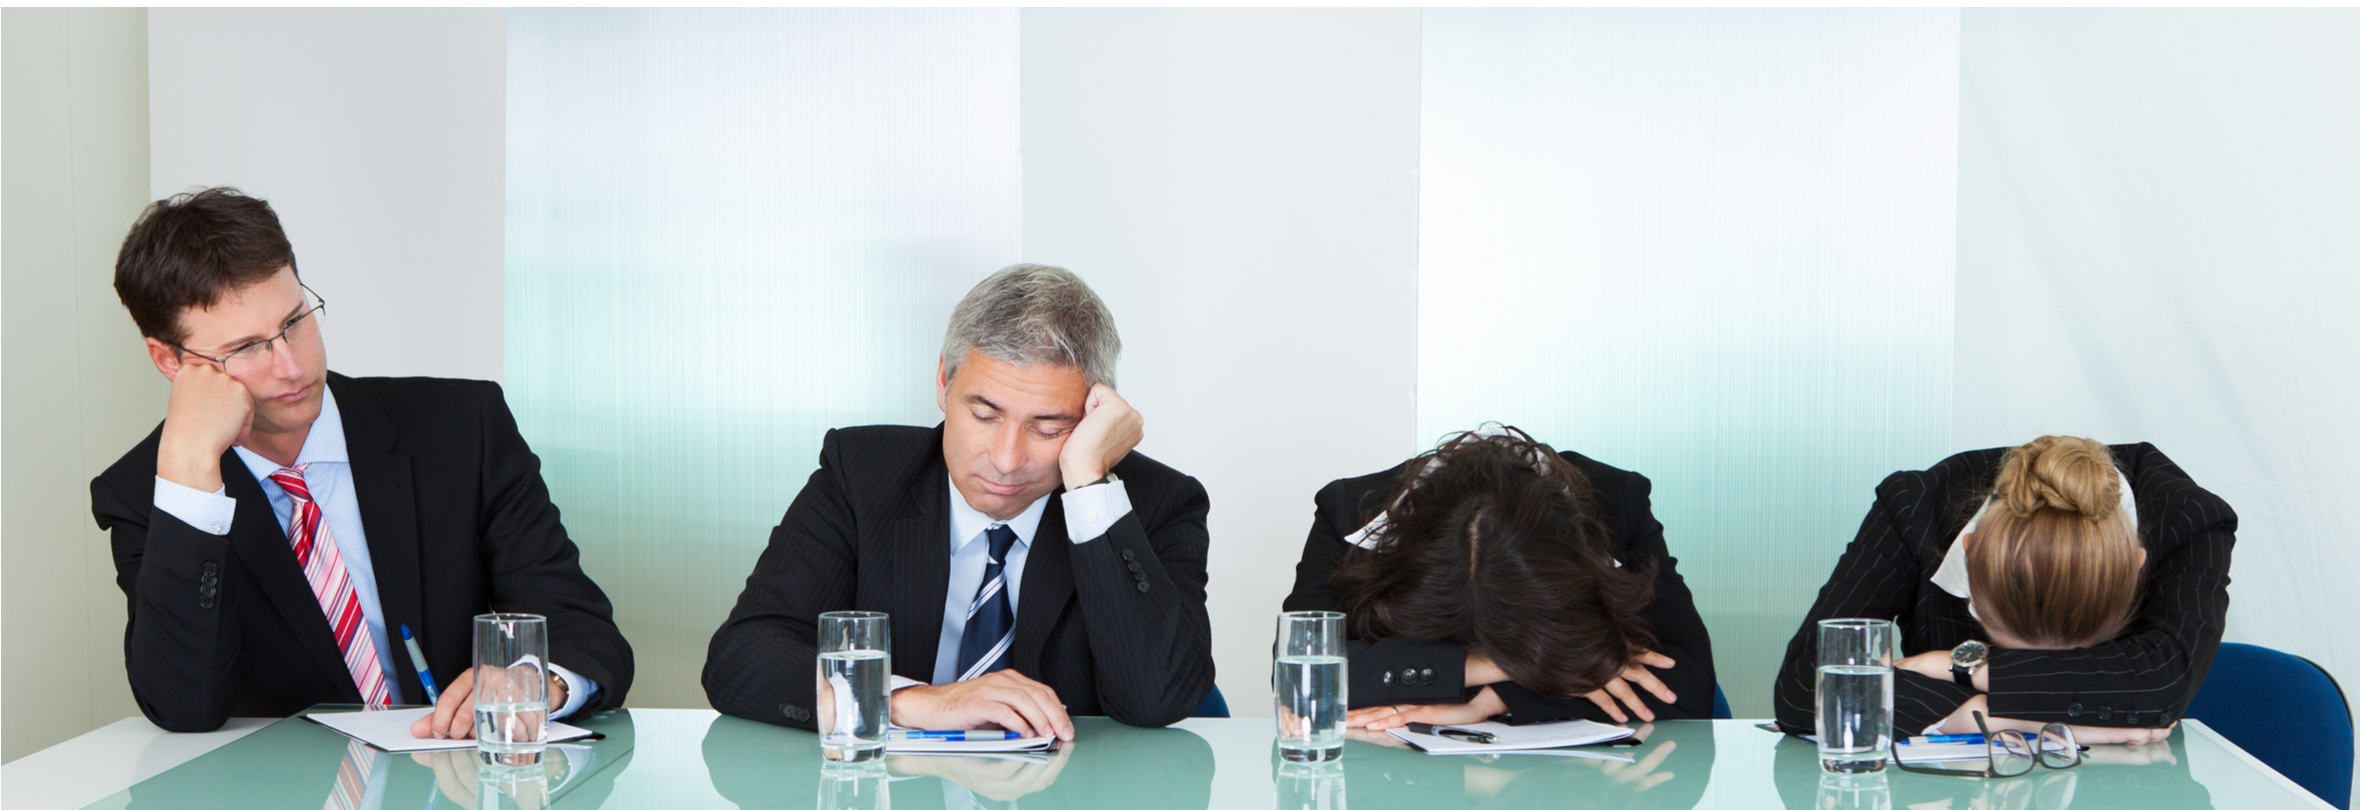 Bored delegates